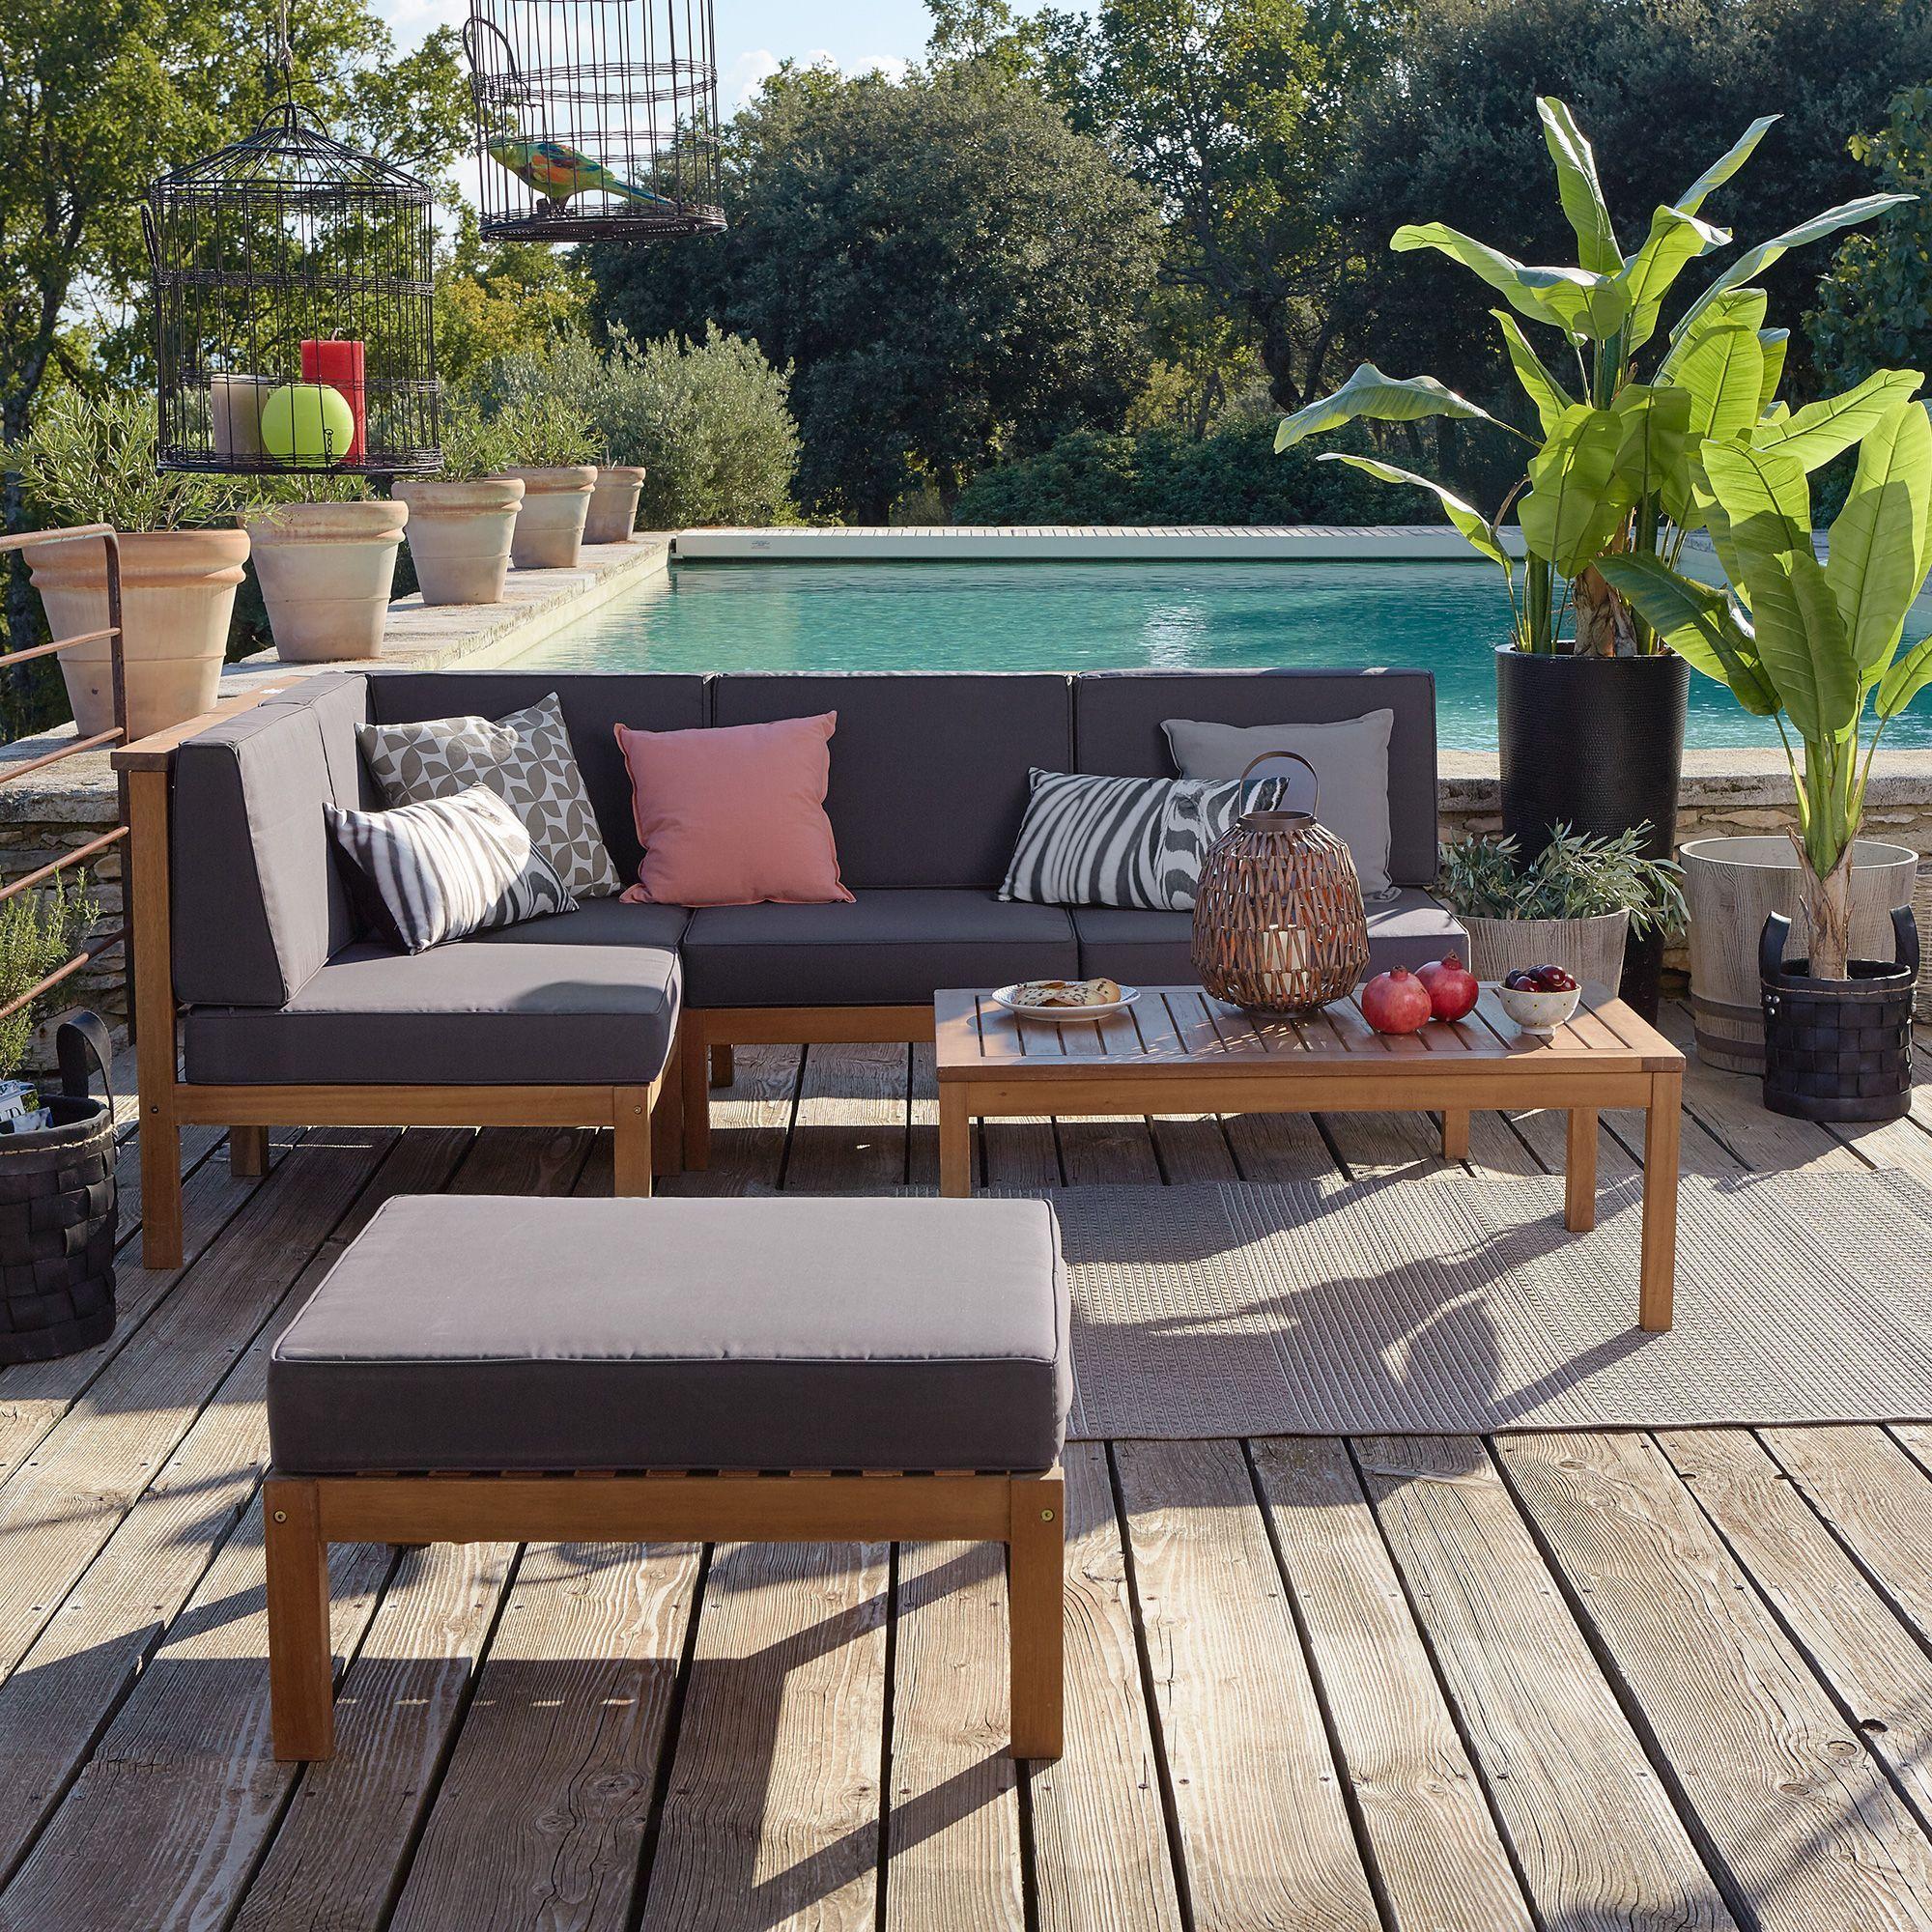 Salon De Jardin En Acacia 5 Éléments - Cocoon Garden - Les ... intérieur Salon De Jardin Cocoon